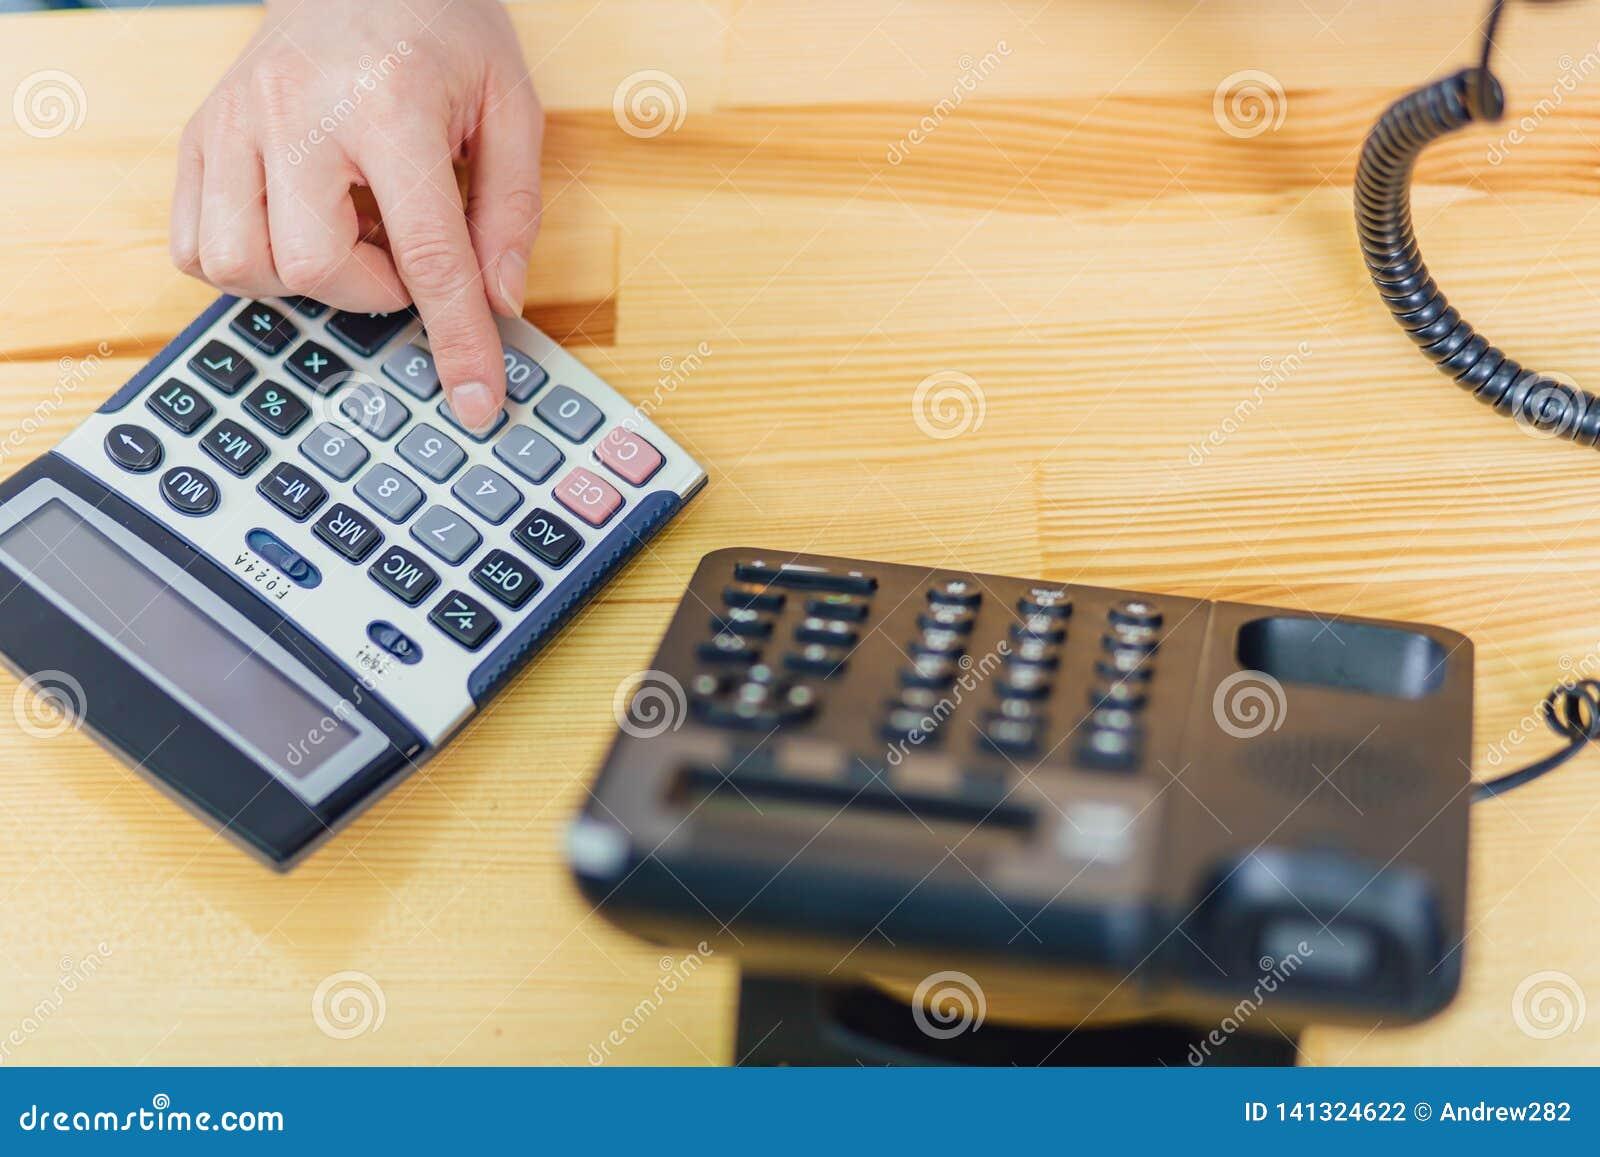 Nahaufnahme des Arbeitsplatzes wird durch das Bürotelefon besetzt Die Technologie der digitalen Verbindung des Gerätes von